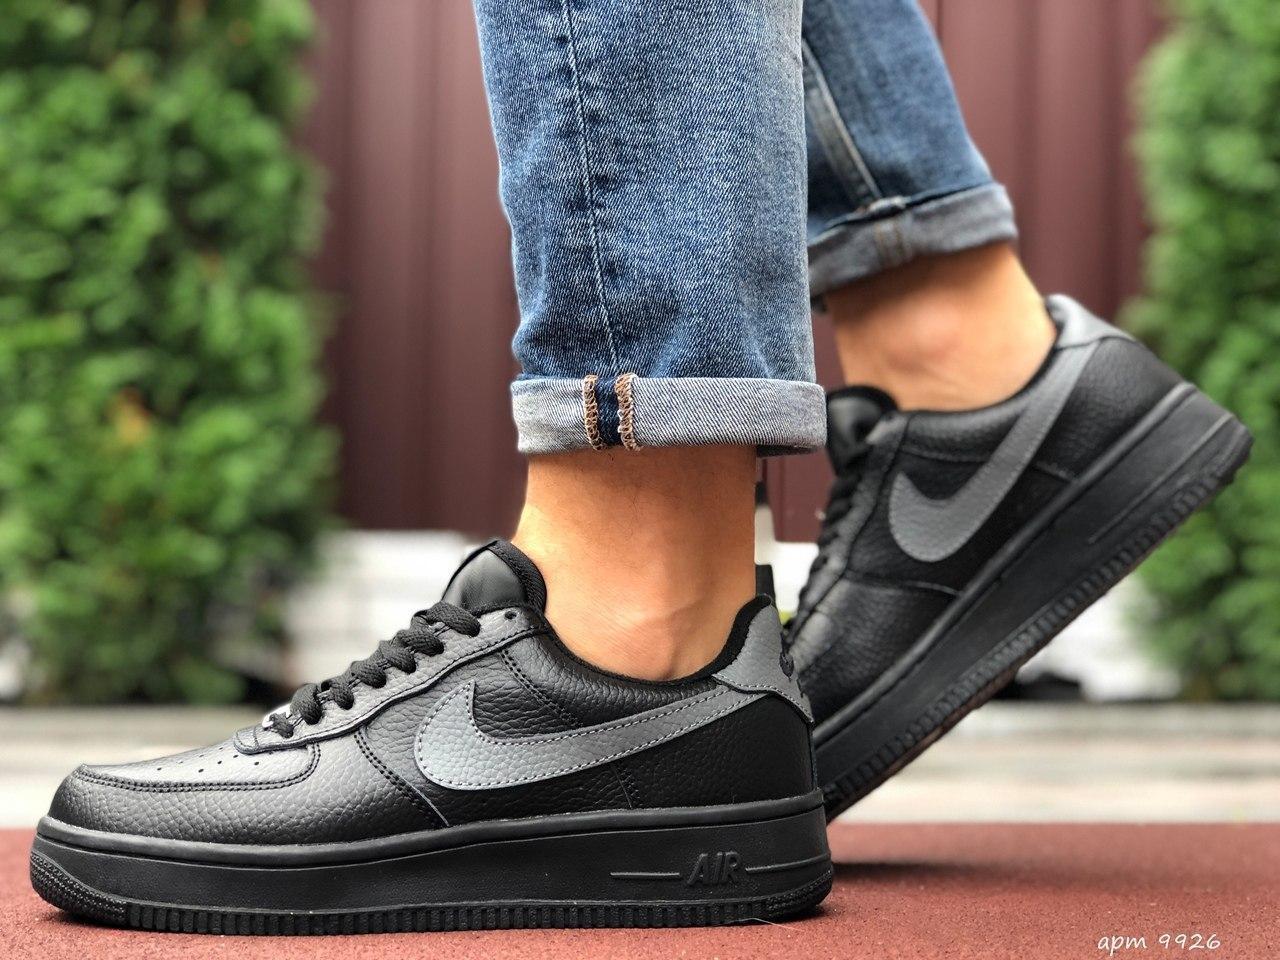 🔥 Ботинки кроссовки мужские зимние Nike Air Force черные кожаные кожа теплые на меху шерстяные меховые